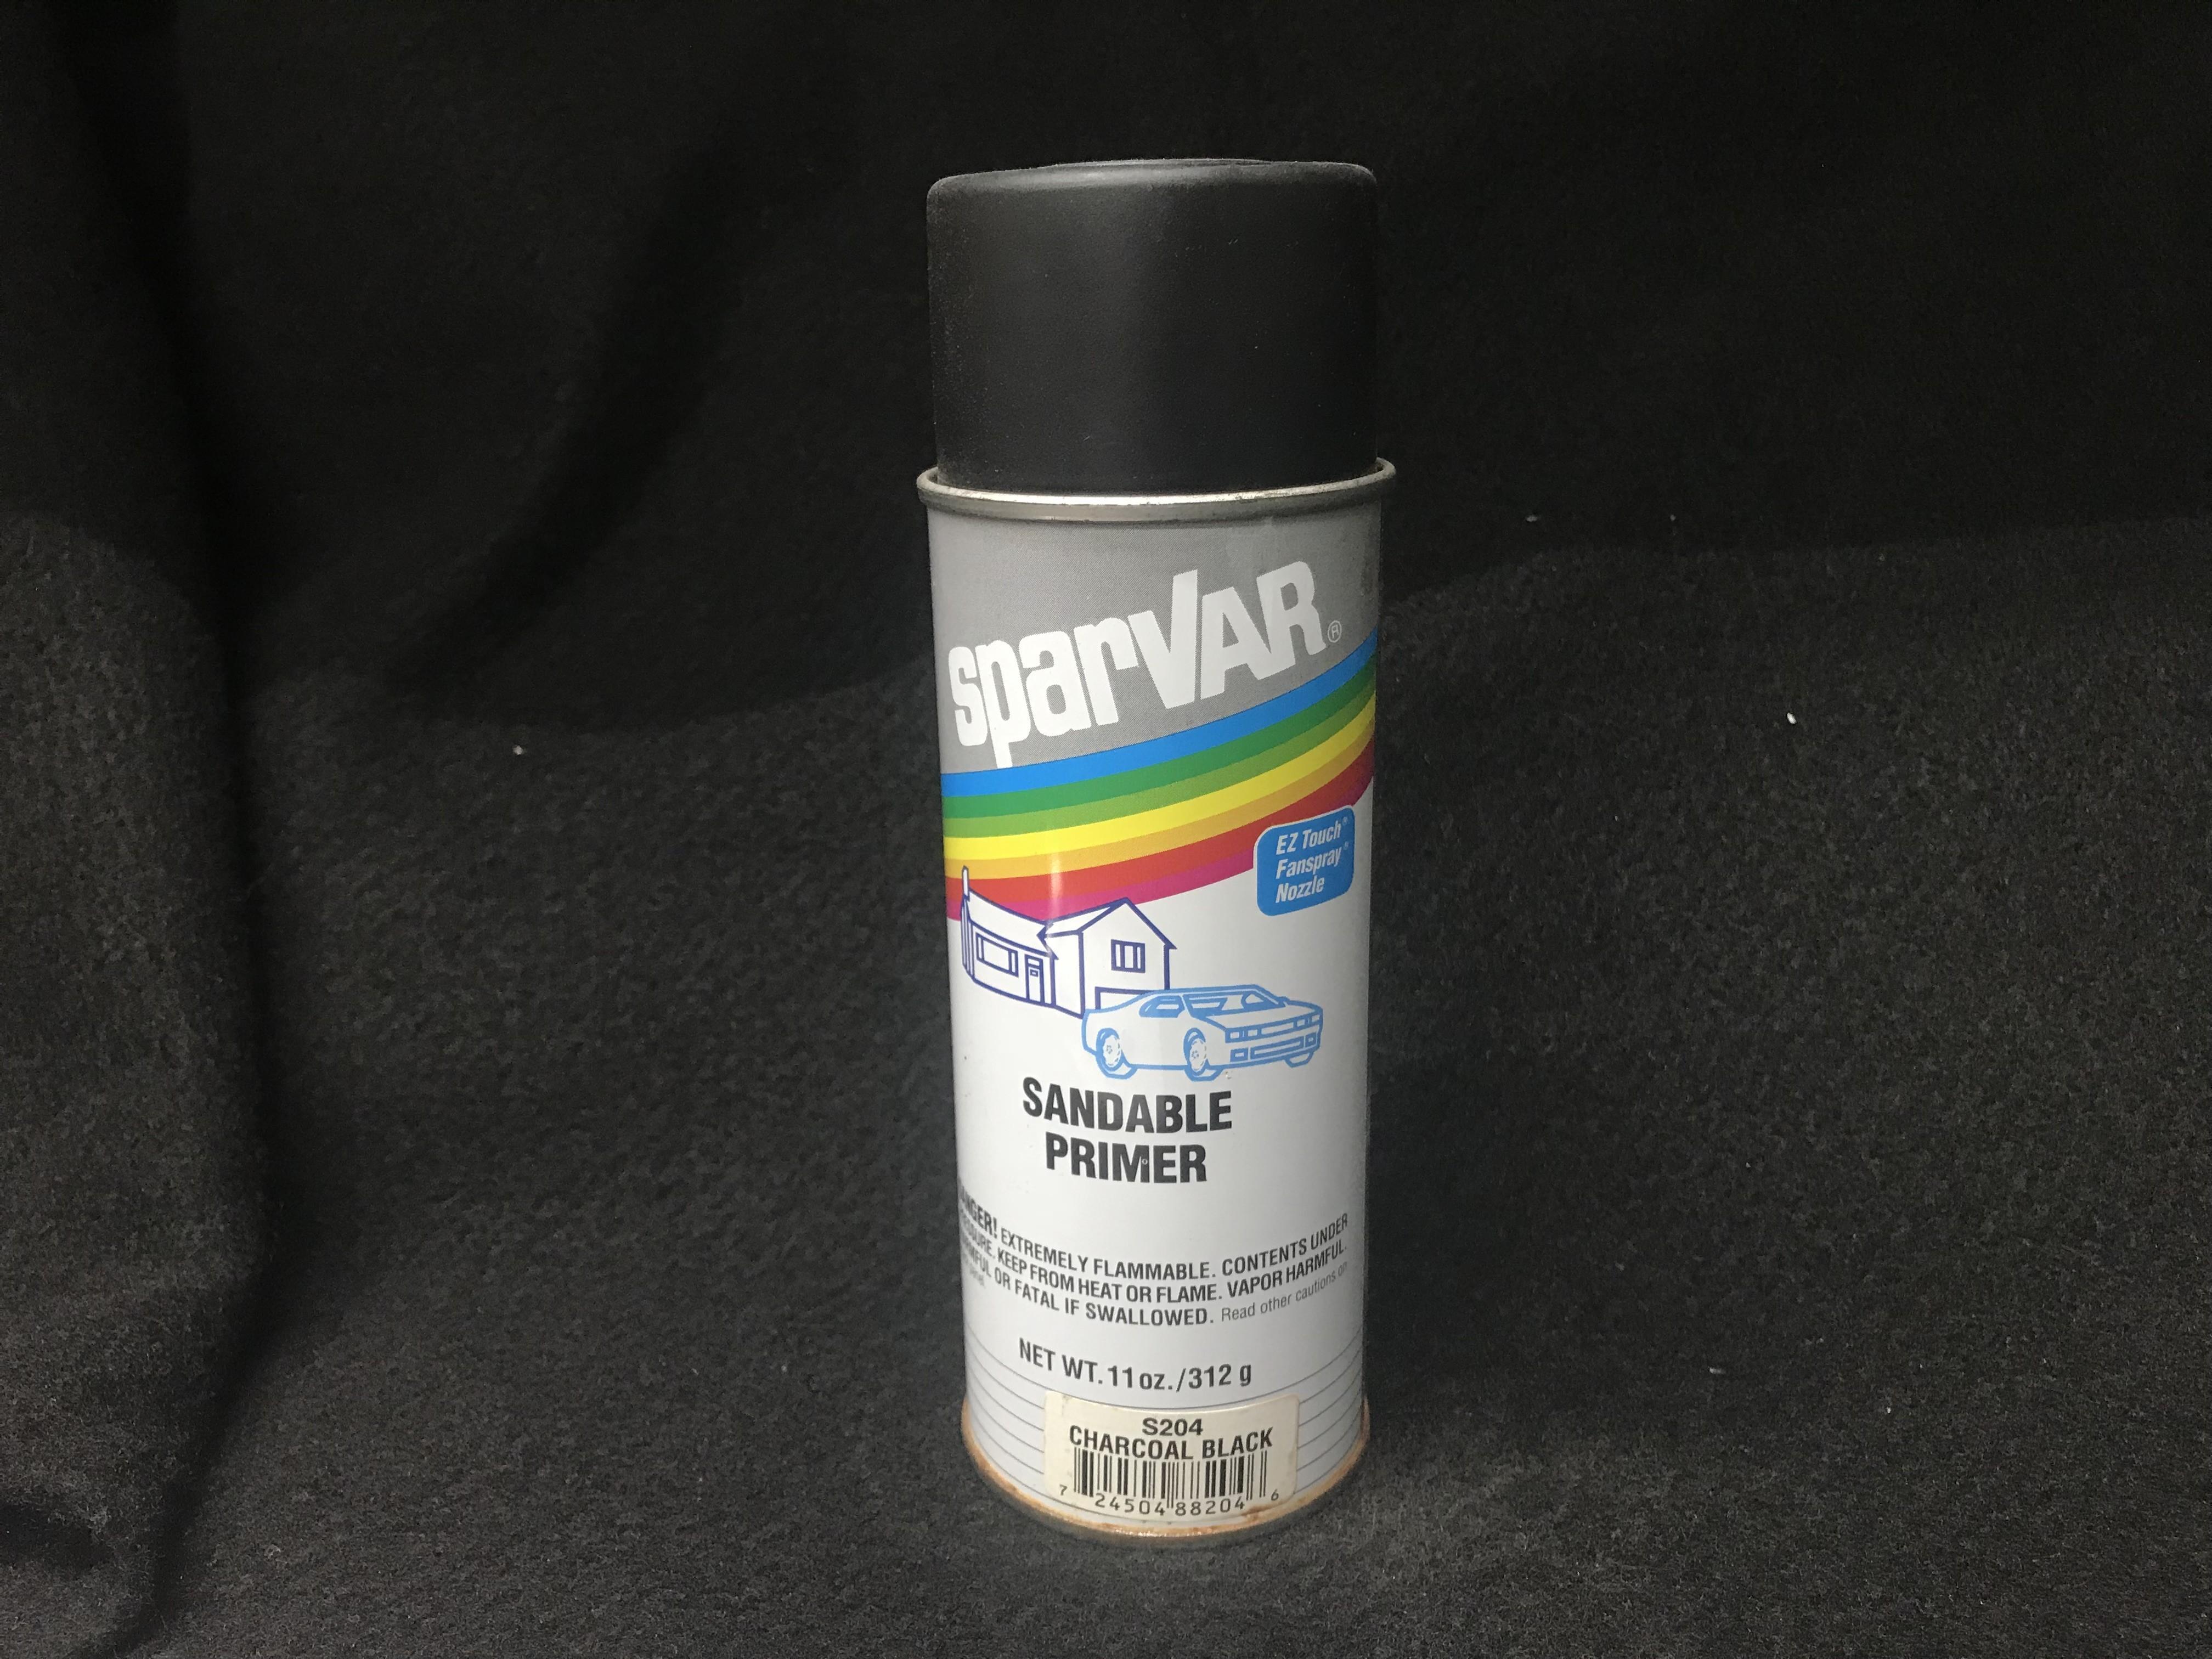 Sparvar Charcoal Black Sandable Primer